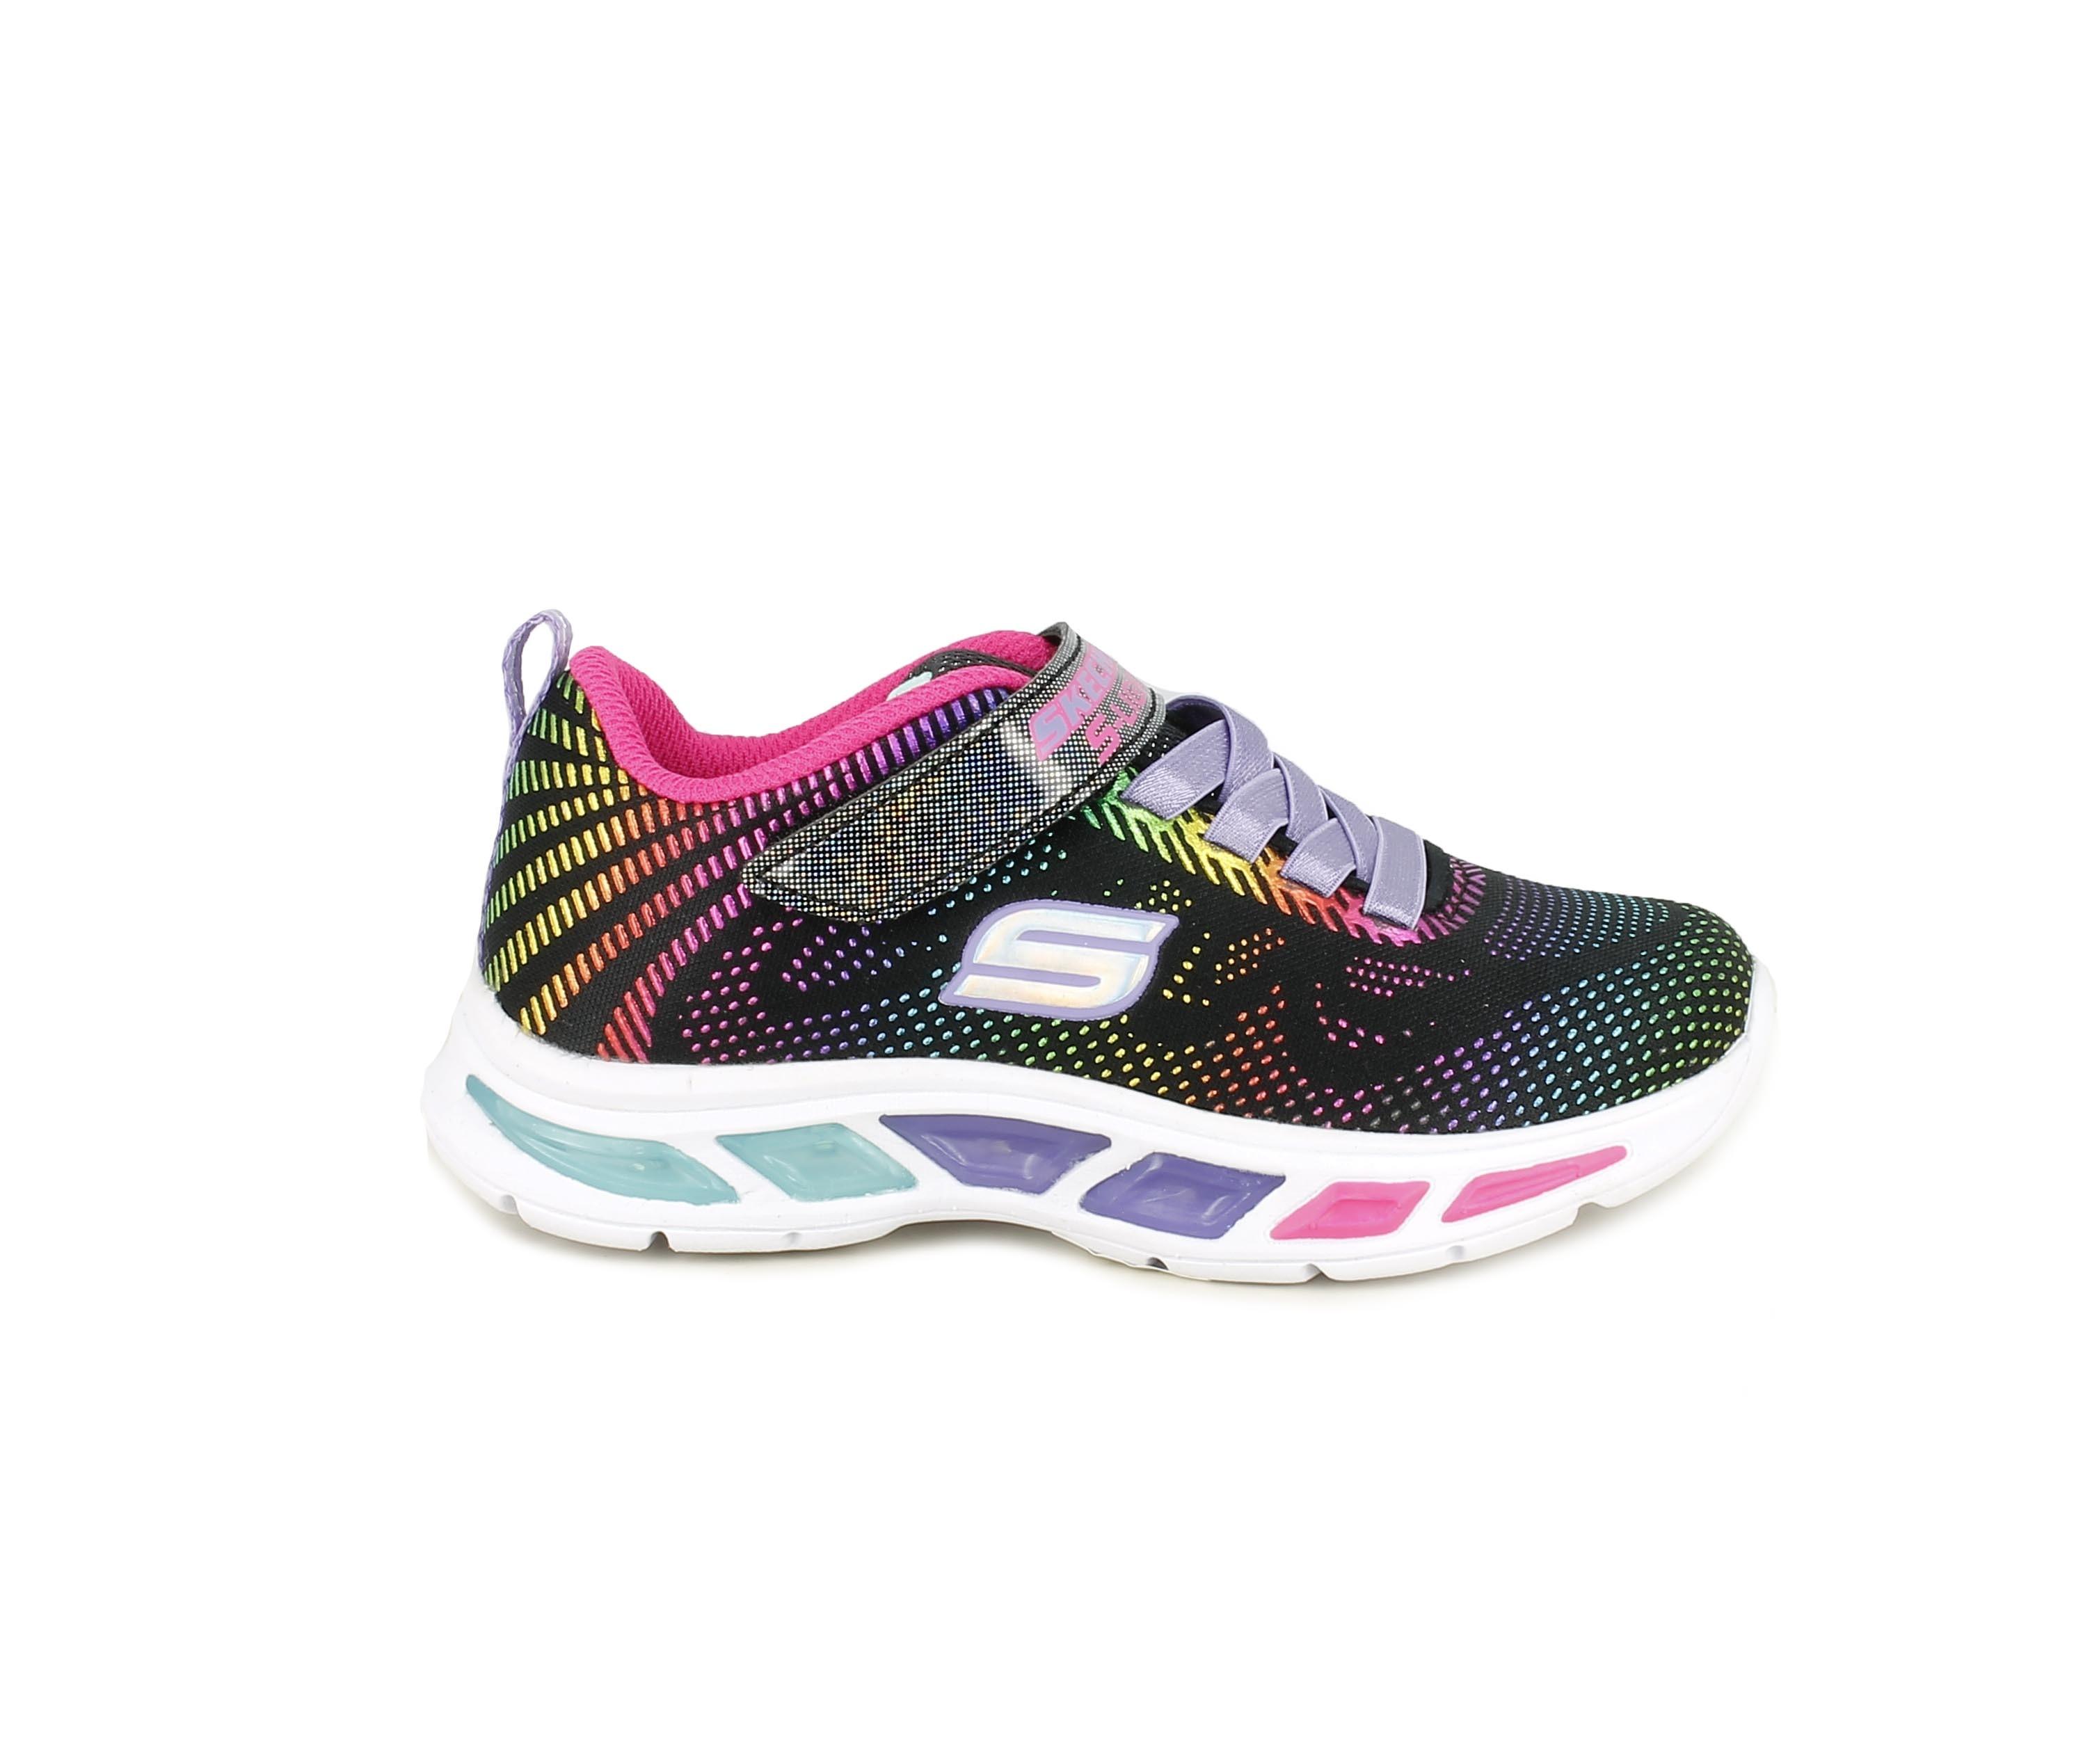 Zapatillas deporte Skechers negras con colores brillantes cordones elásticos y luz en la suela